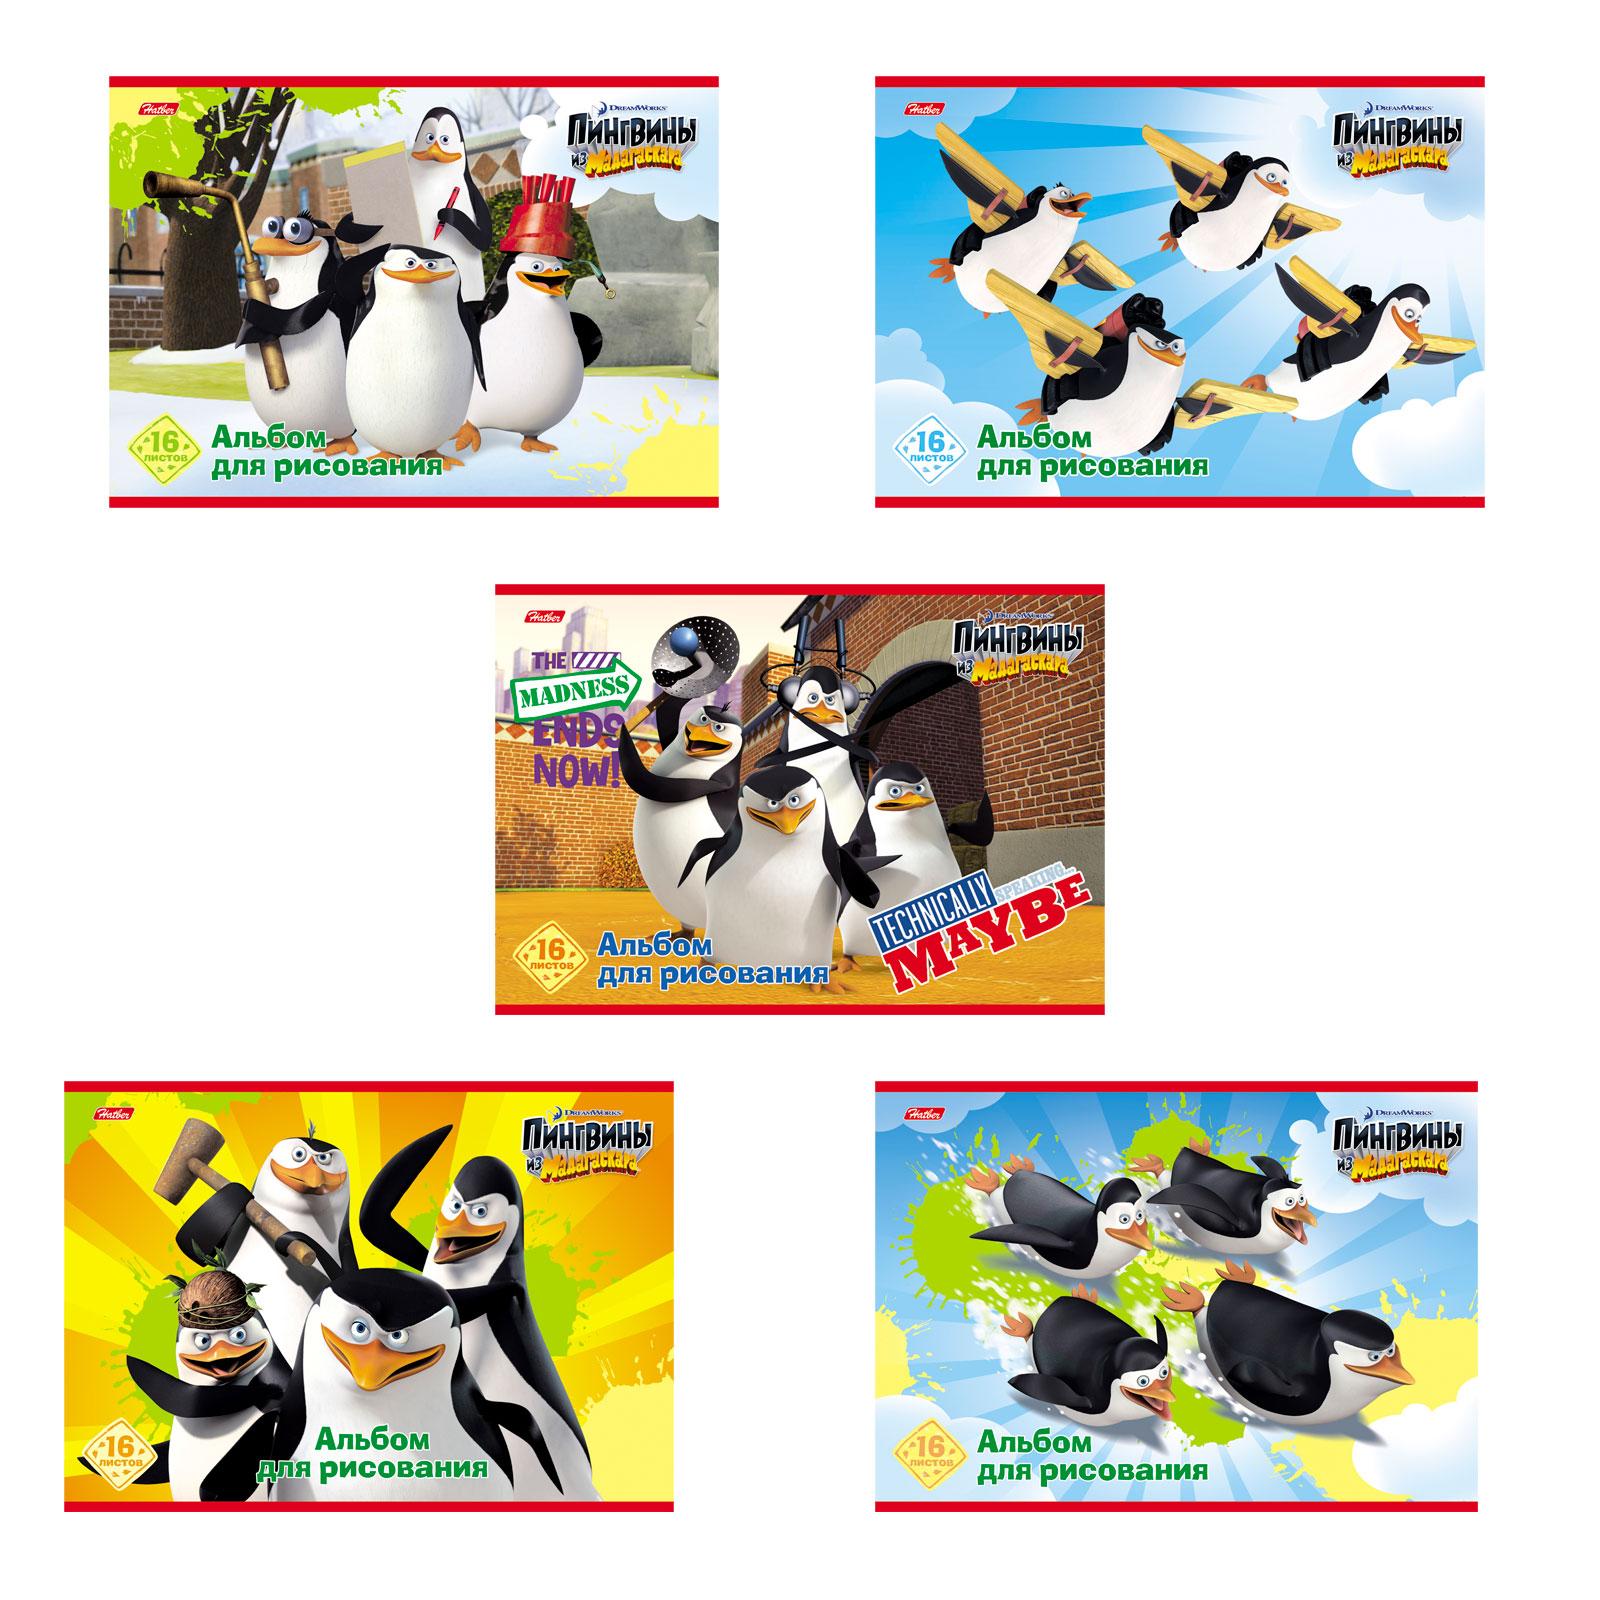 Альбом для рисования ХАТБЕР Пингвины из мадагаскара<br>